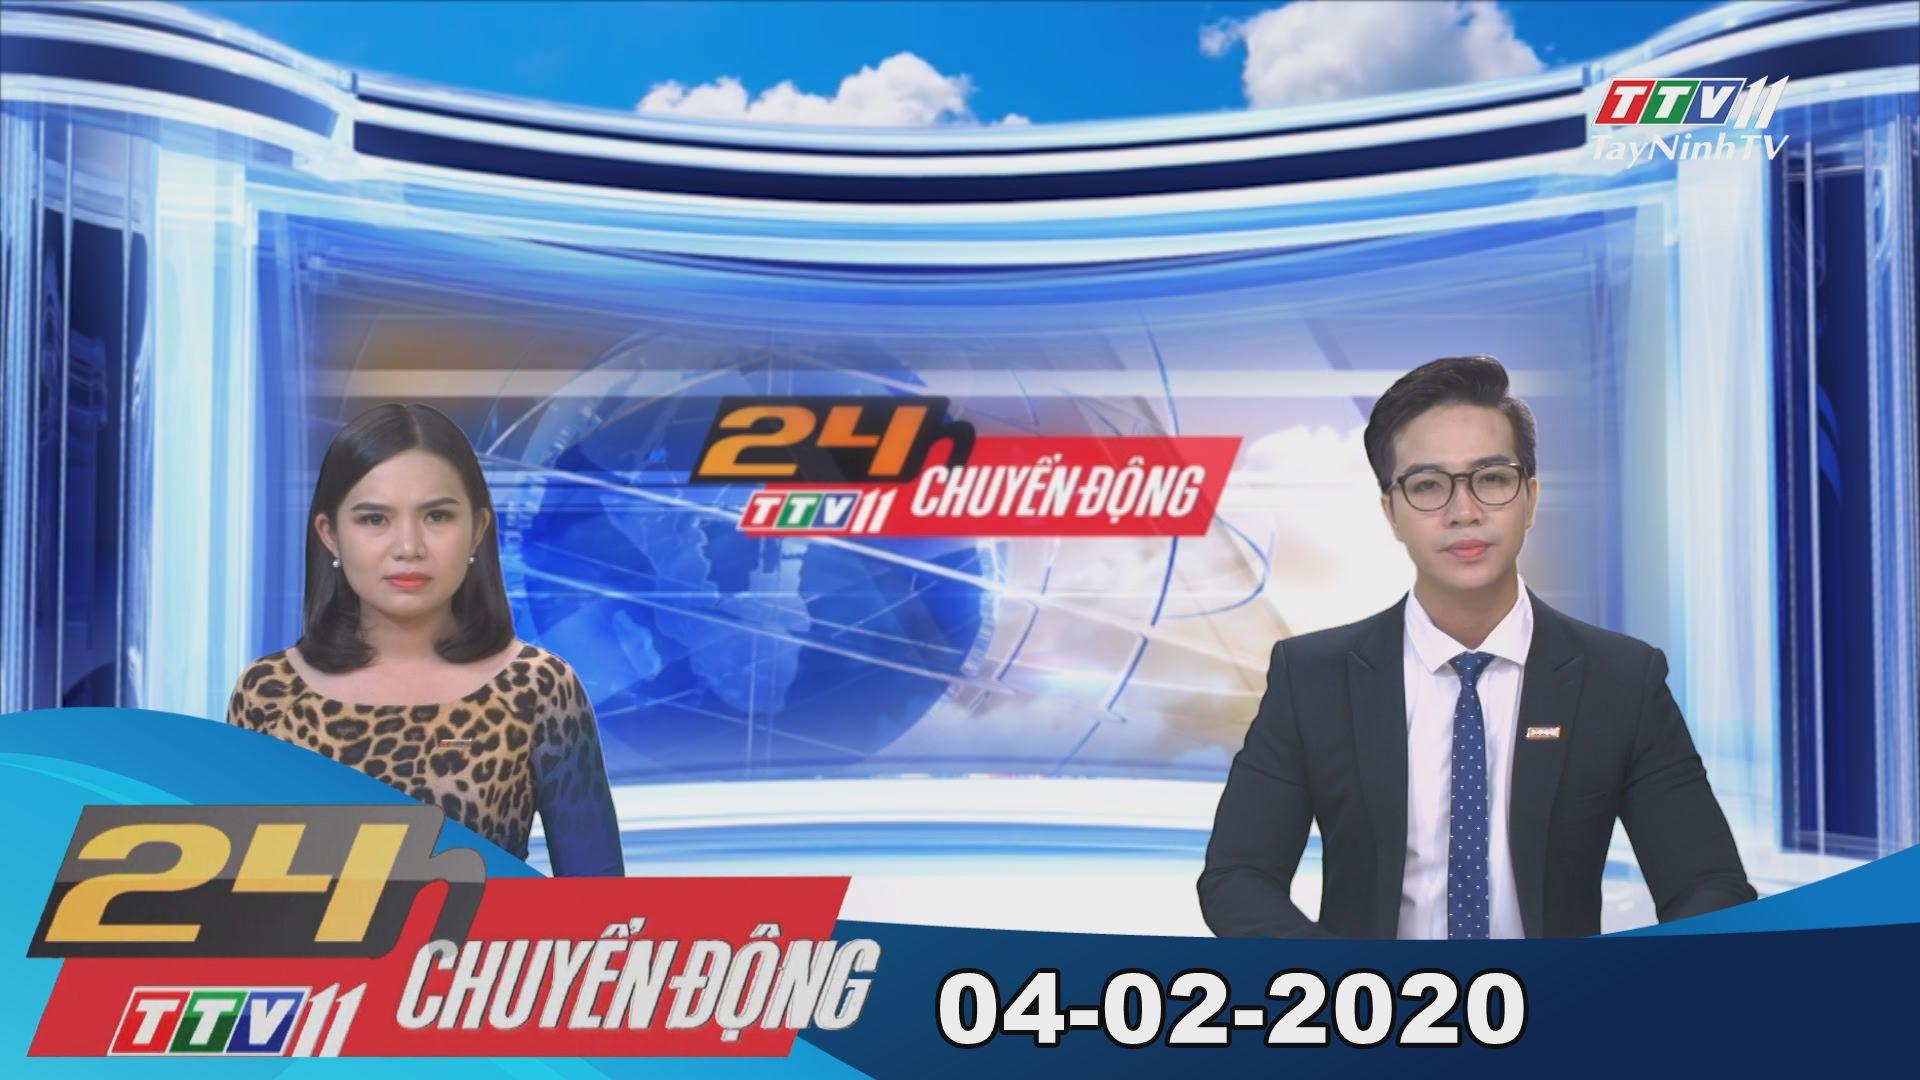 24h Chuyển động 04-02-2020 | Tin tức hôm nay | TayNinhTV